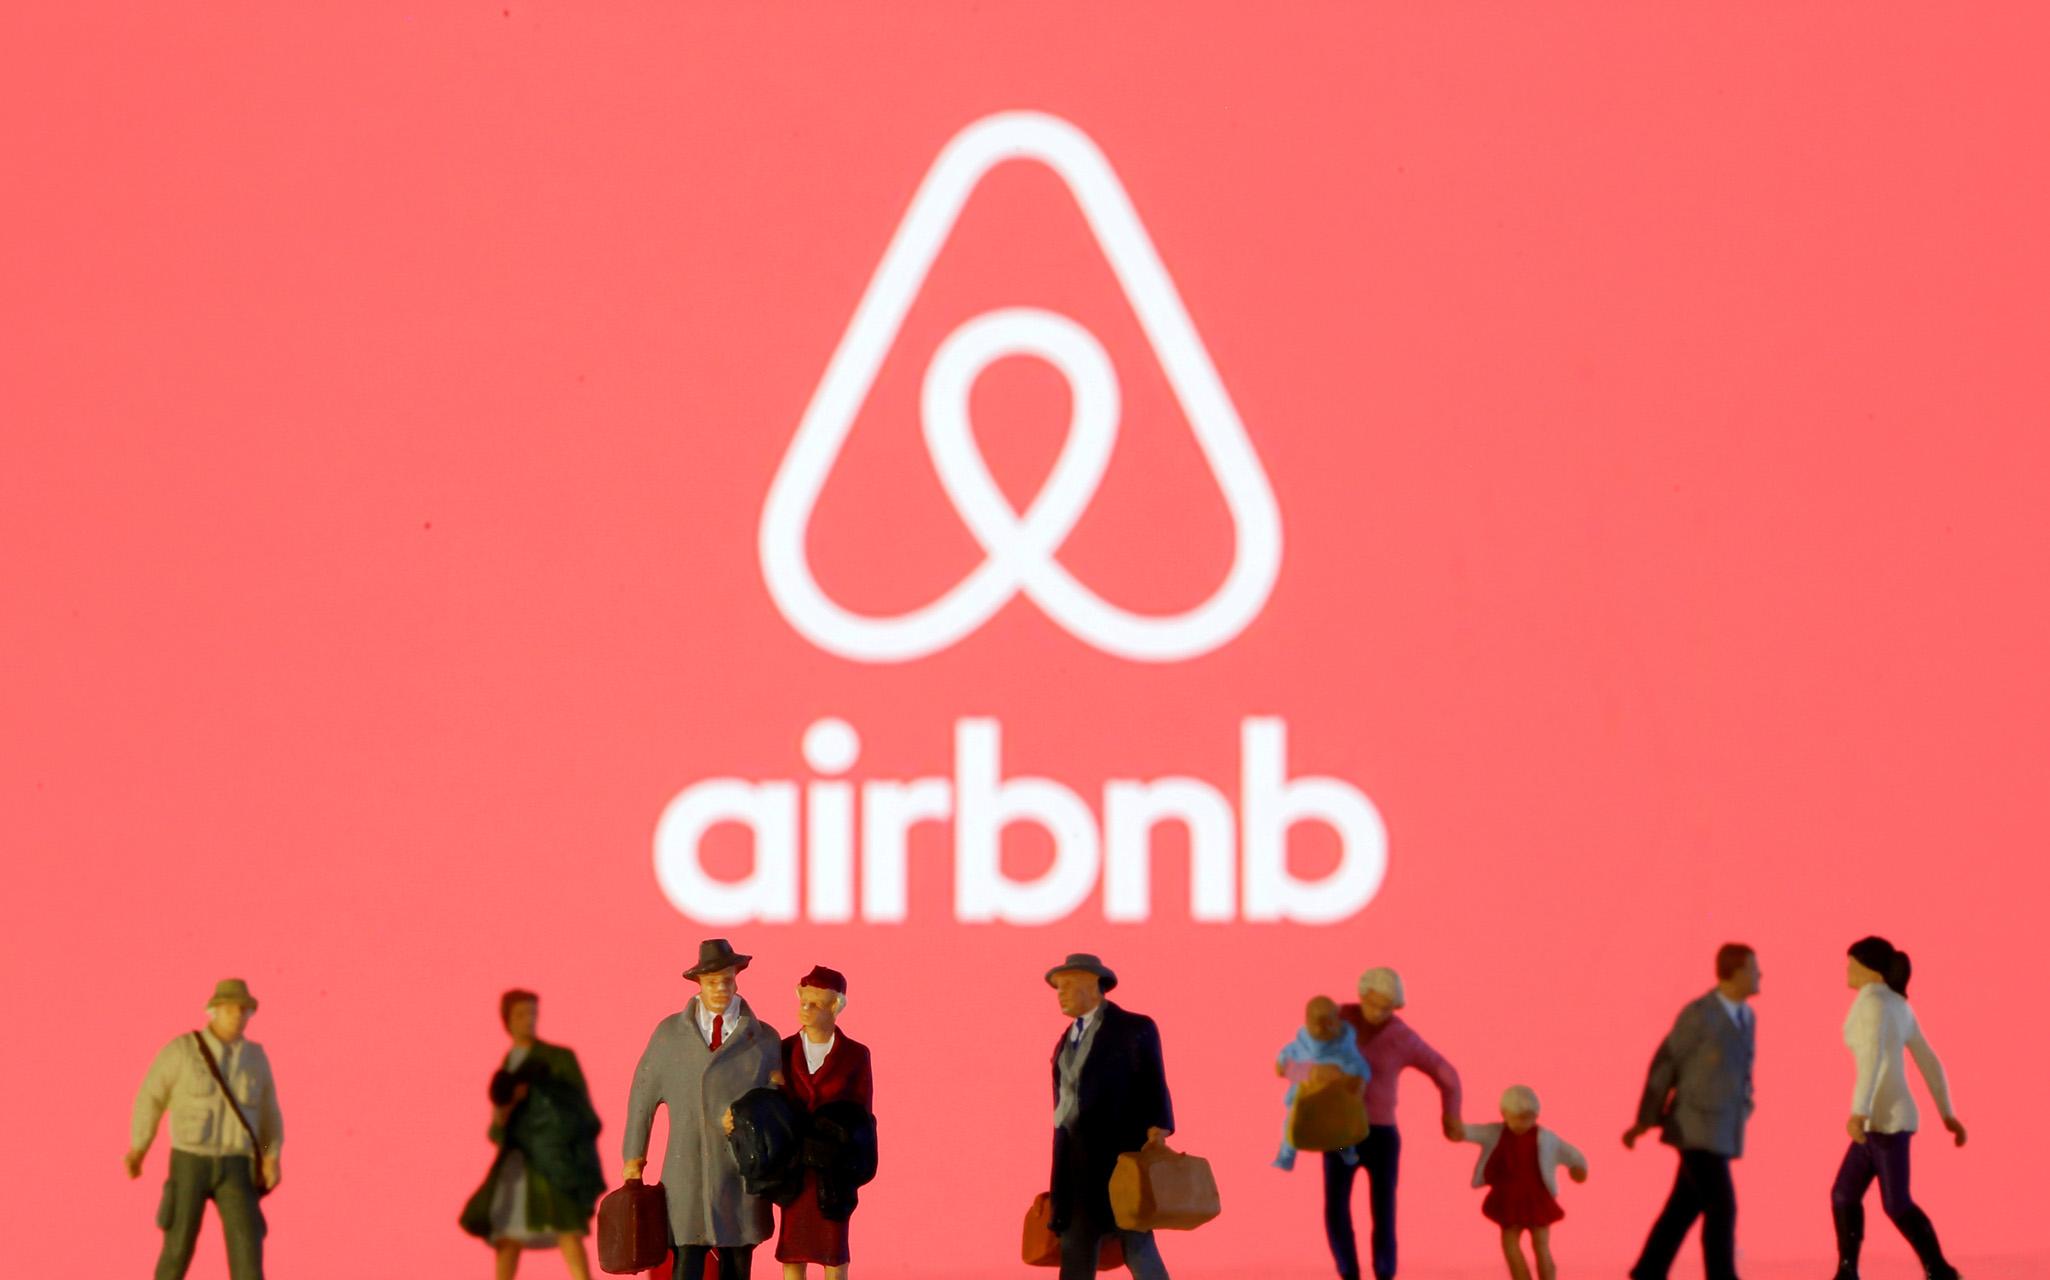 Νέοι κανόνες υγιεινής από την Airbnb για τον κορονοϊό